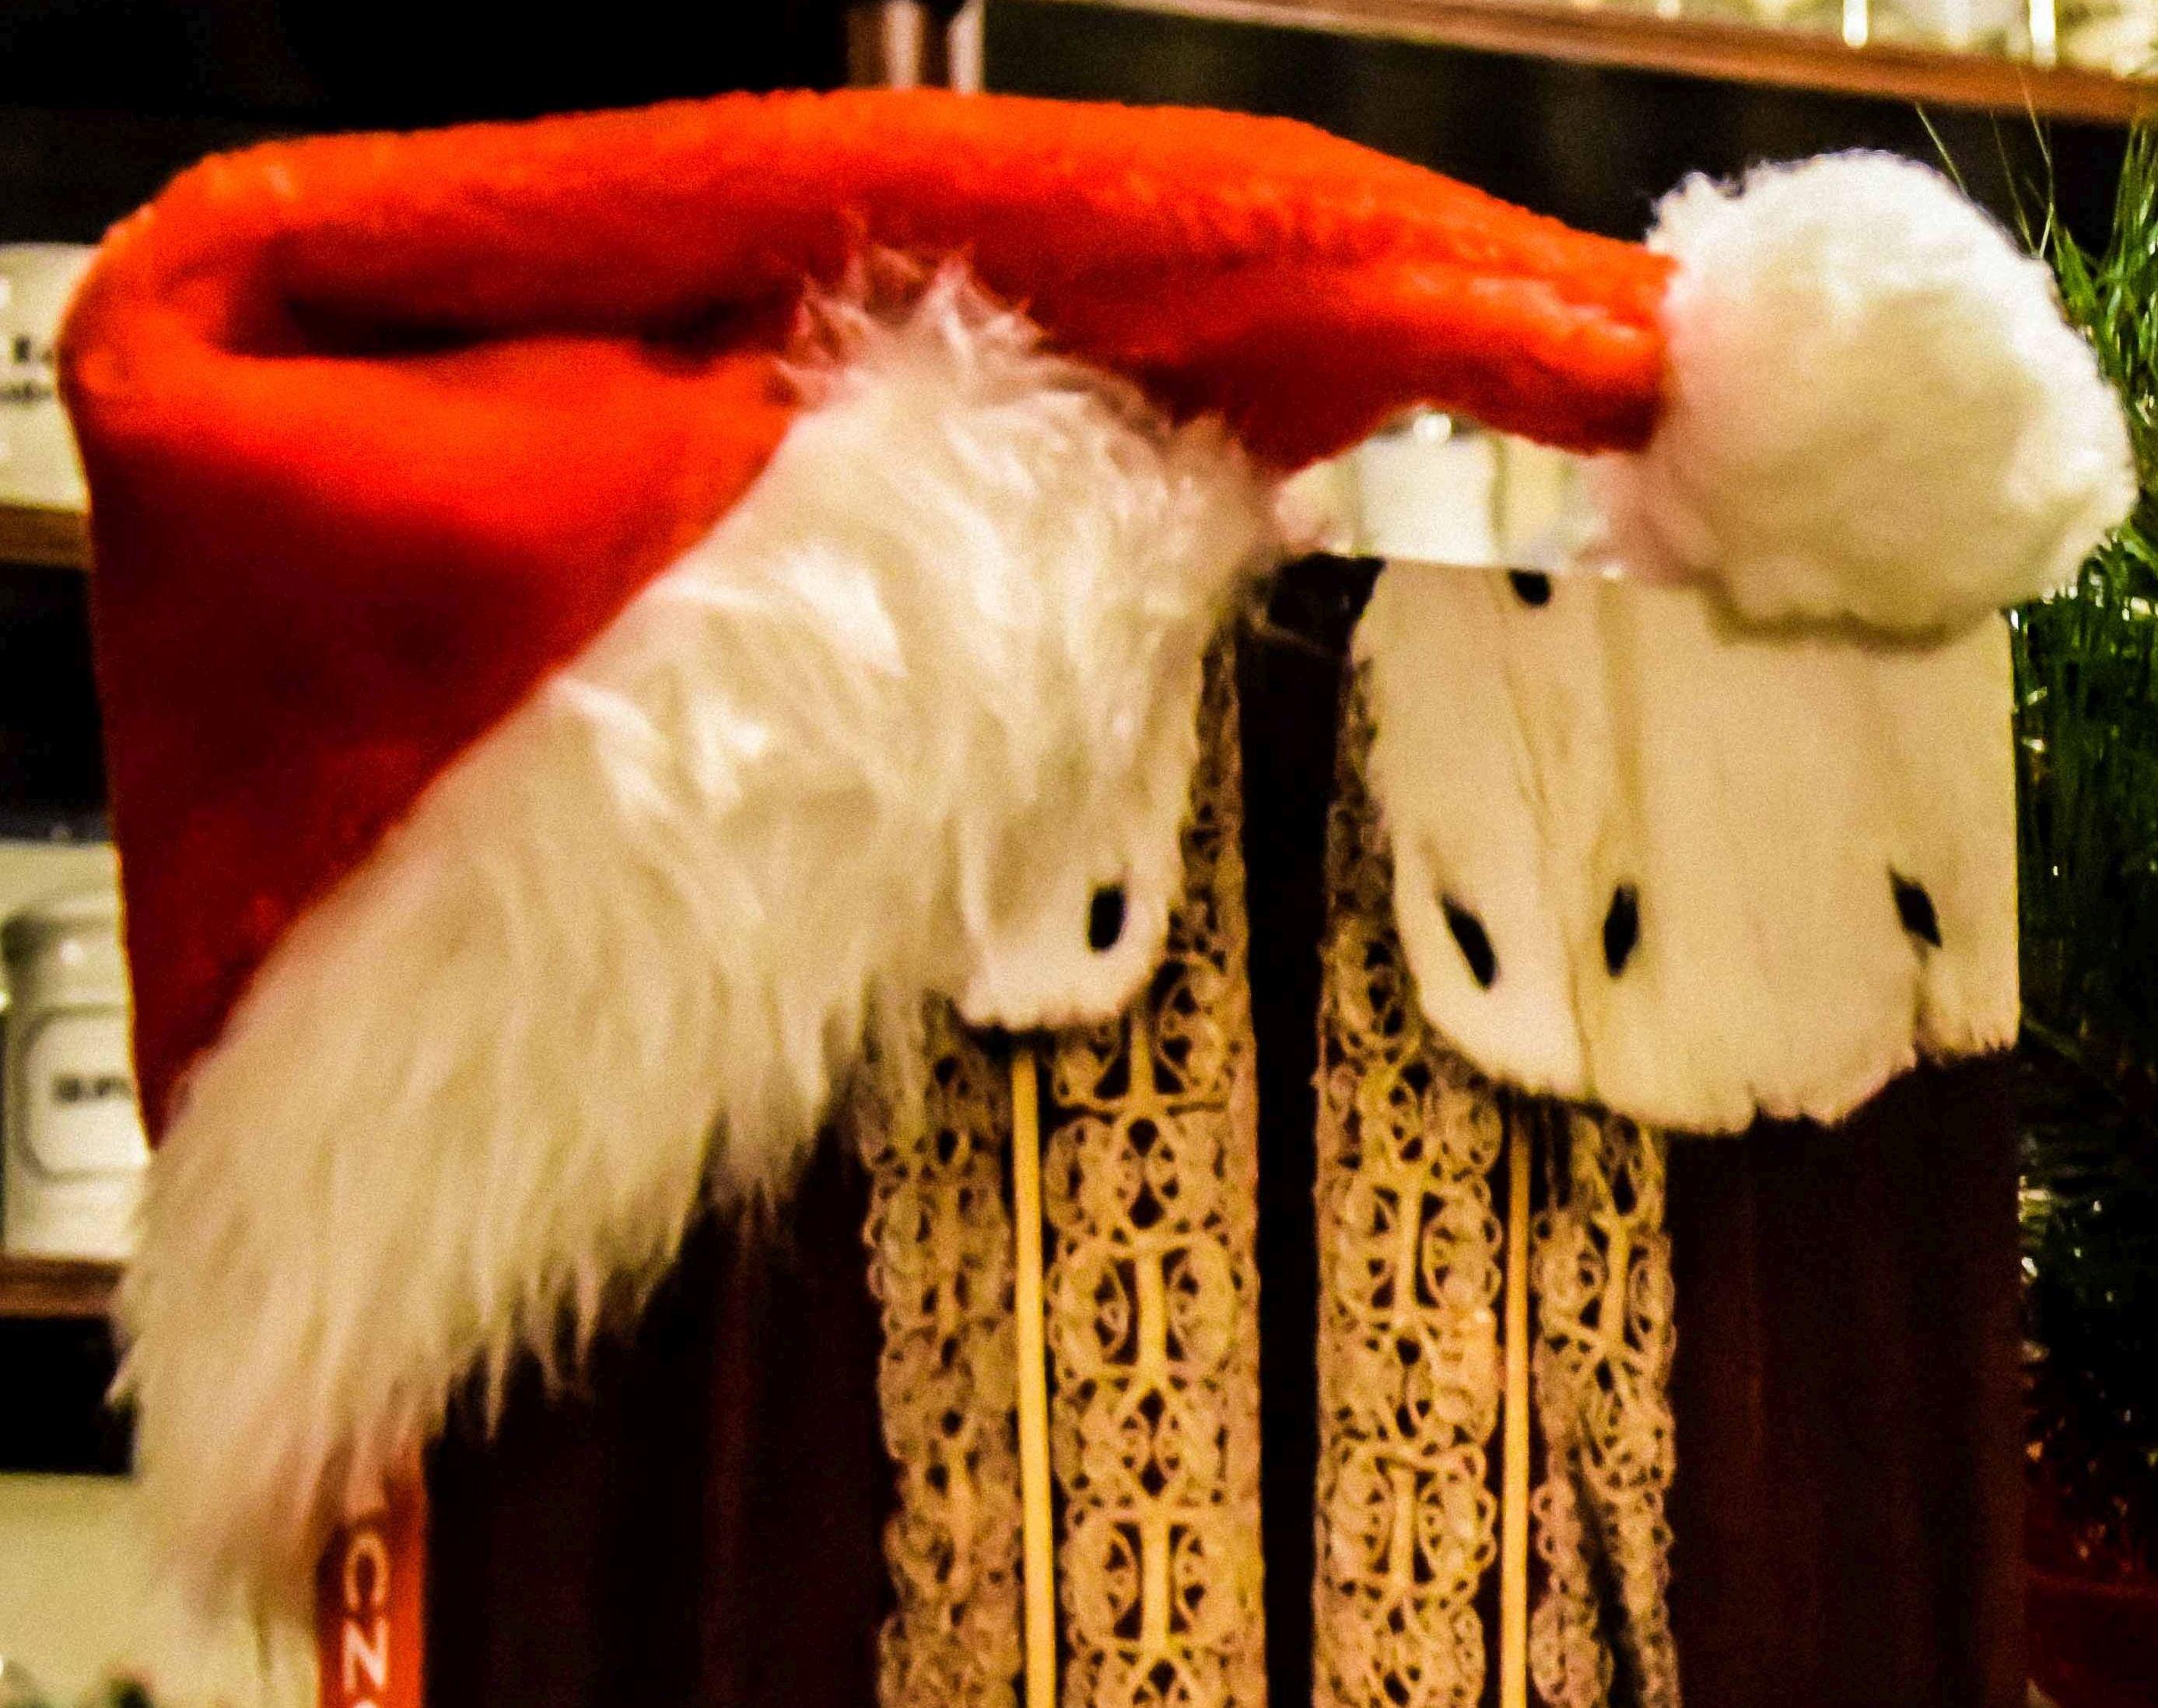 Zdrowych, pogodnych Świąt Bożego Narodzenia oraz szczęśliwego Nowego Roku 2019